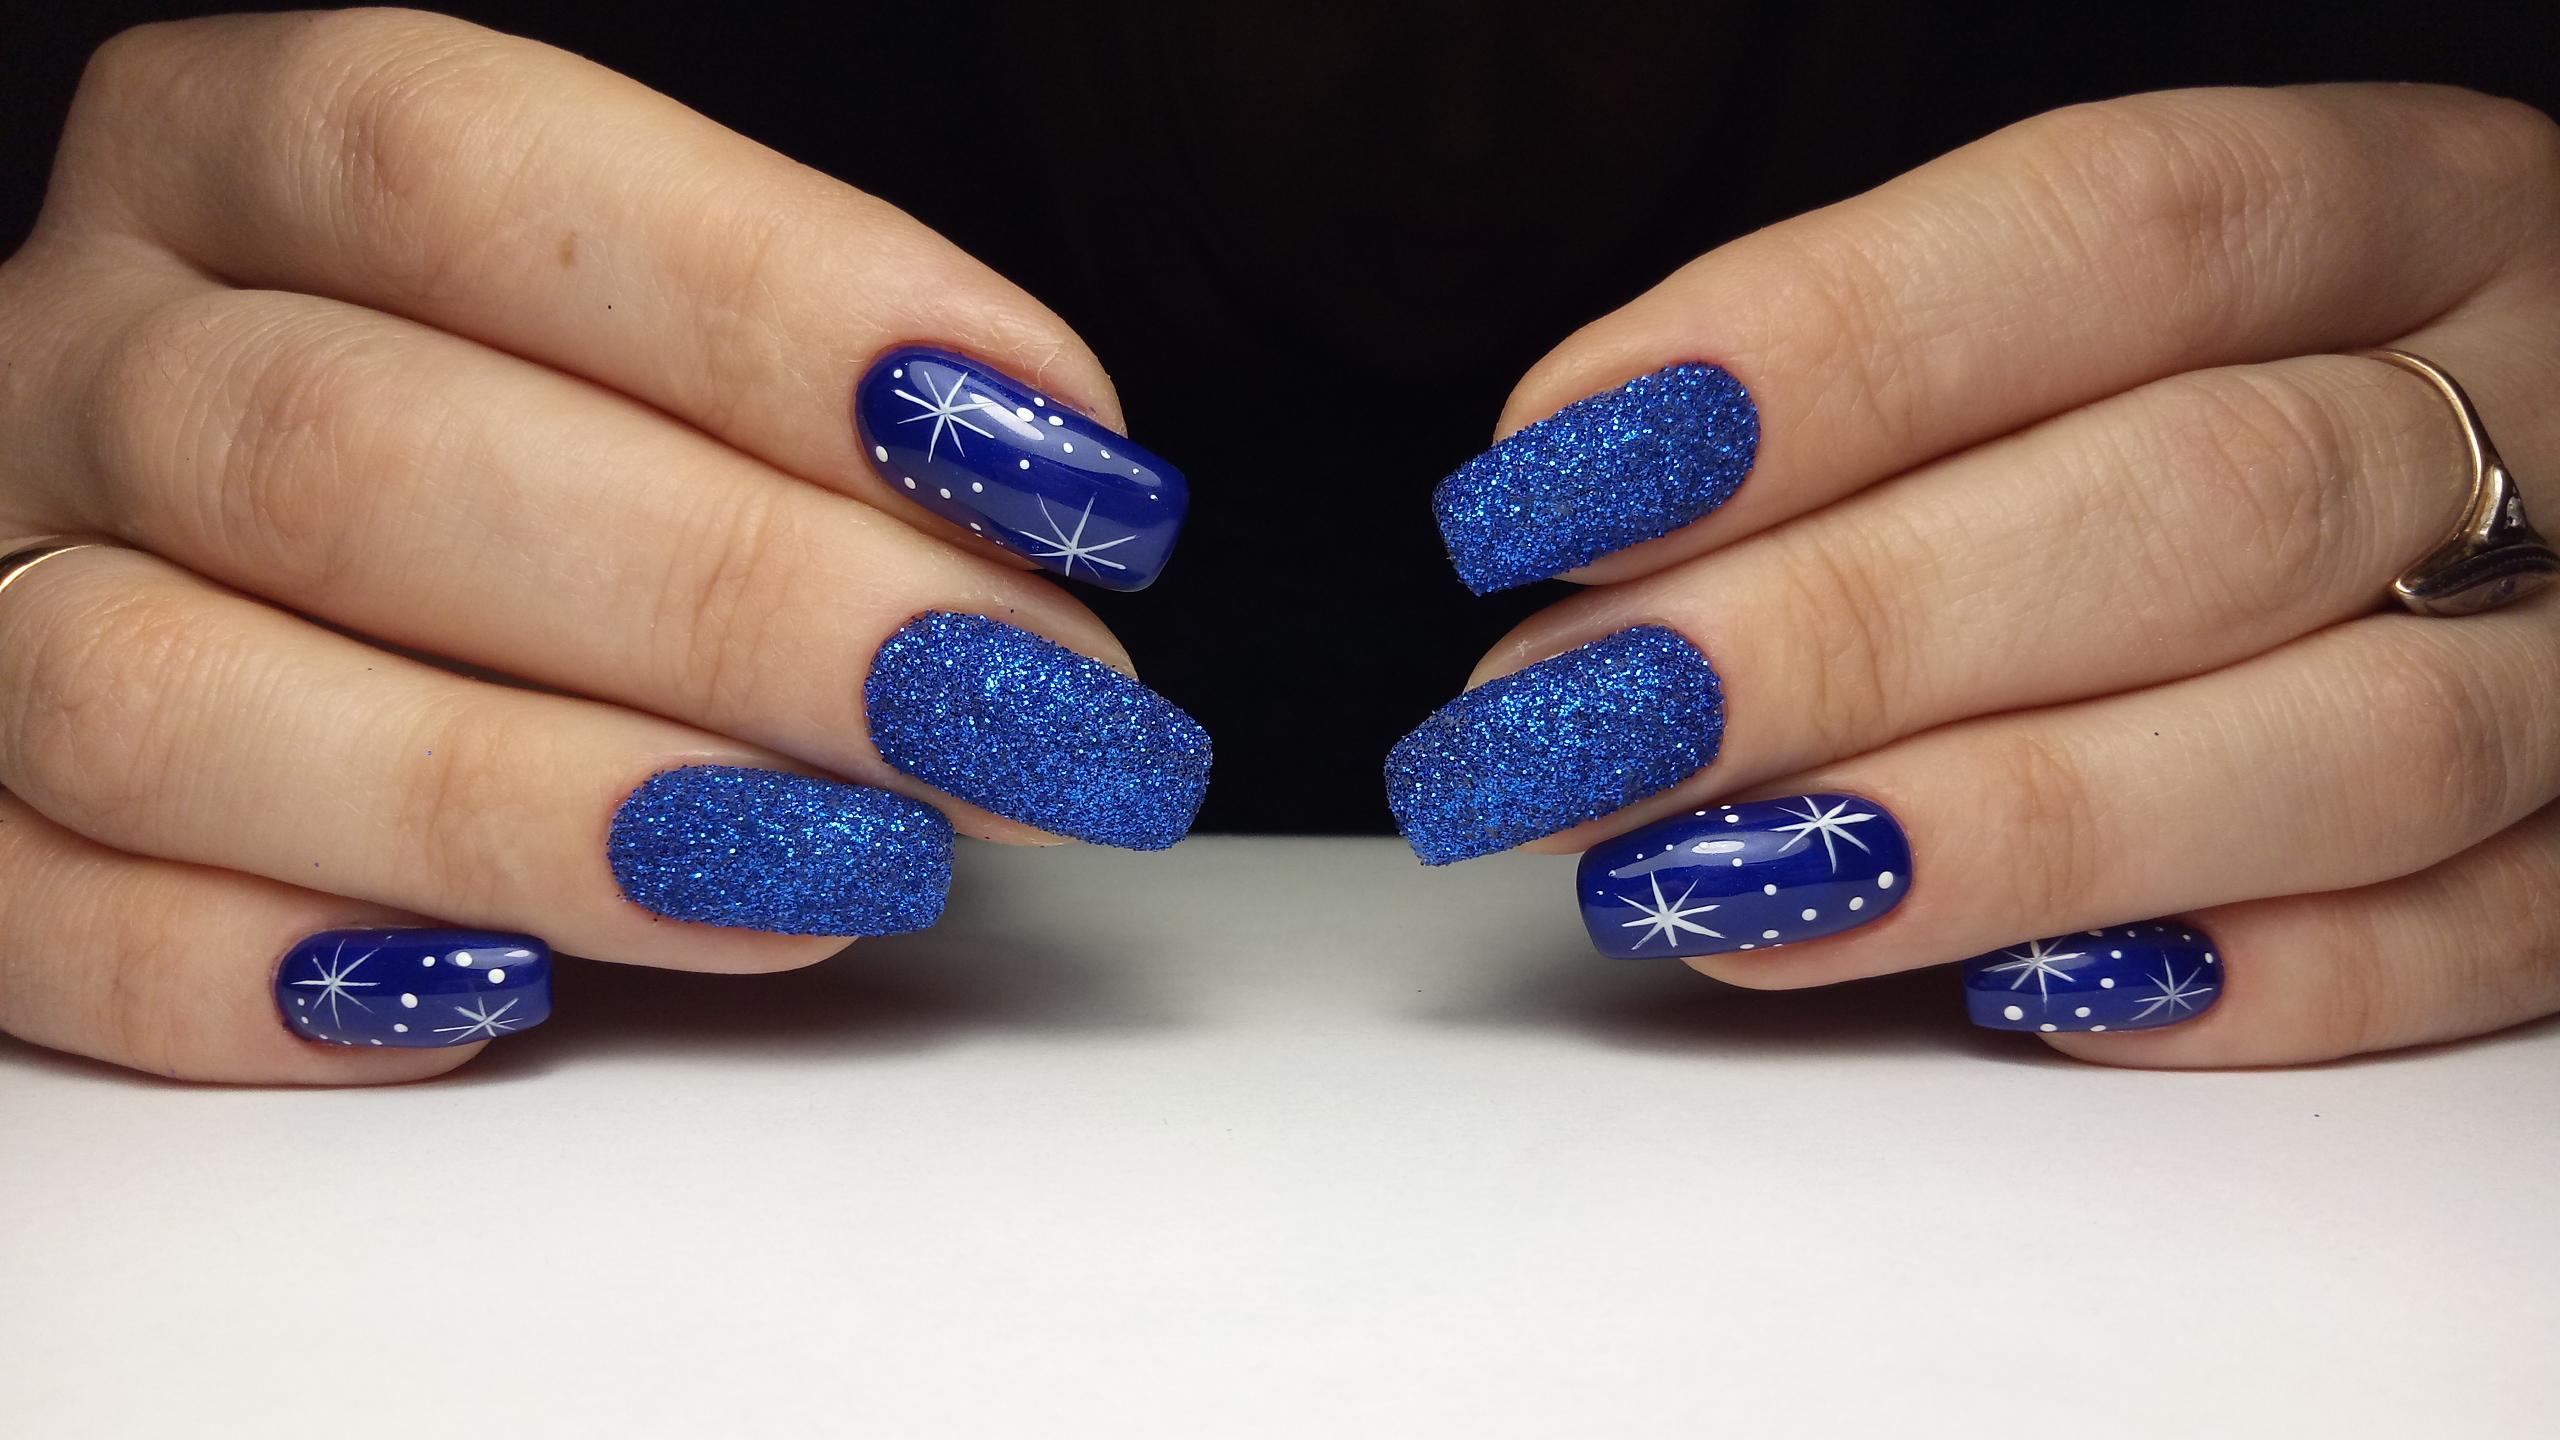 Маникюр в синем цвете с новогодними рисунками и синим блестящим песком.